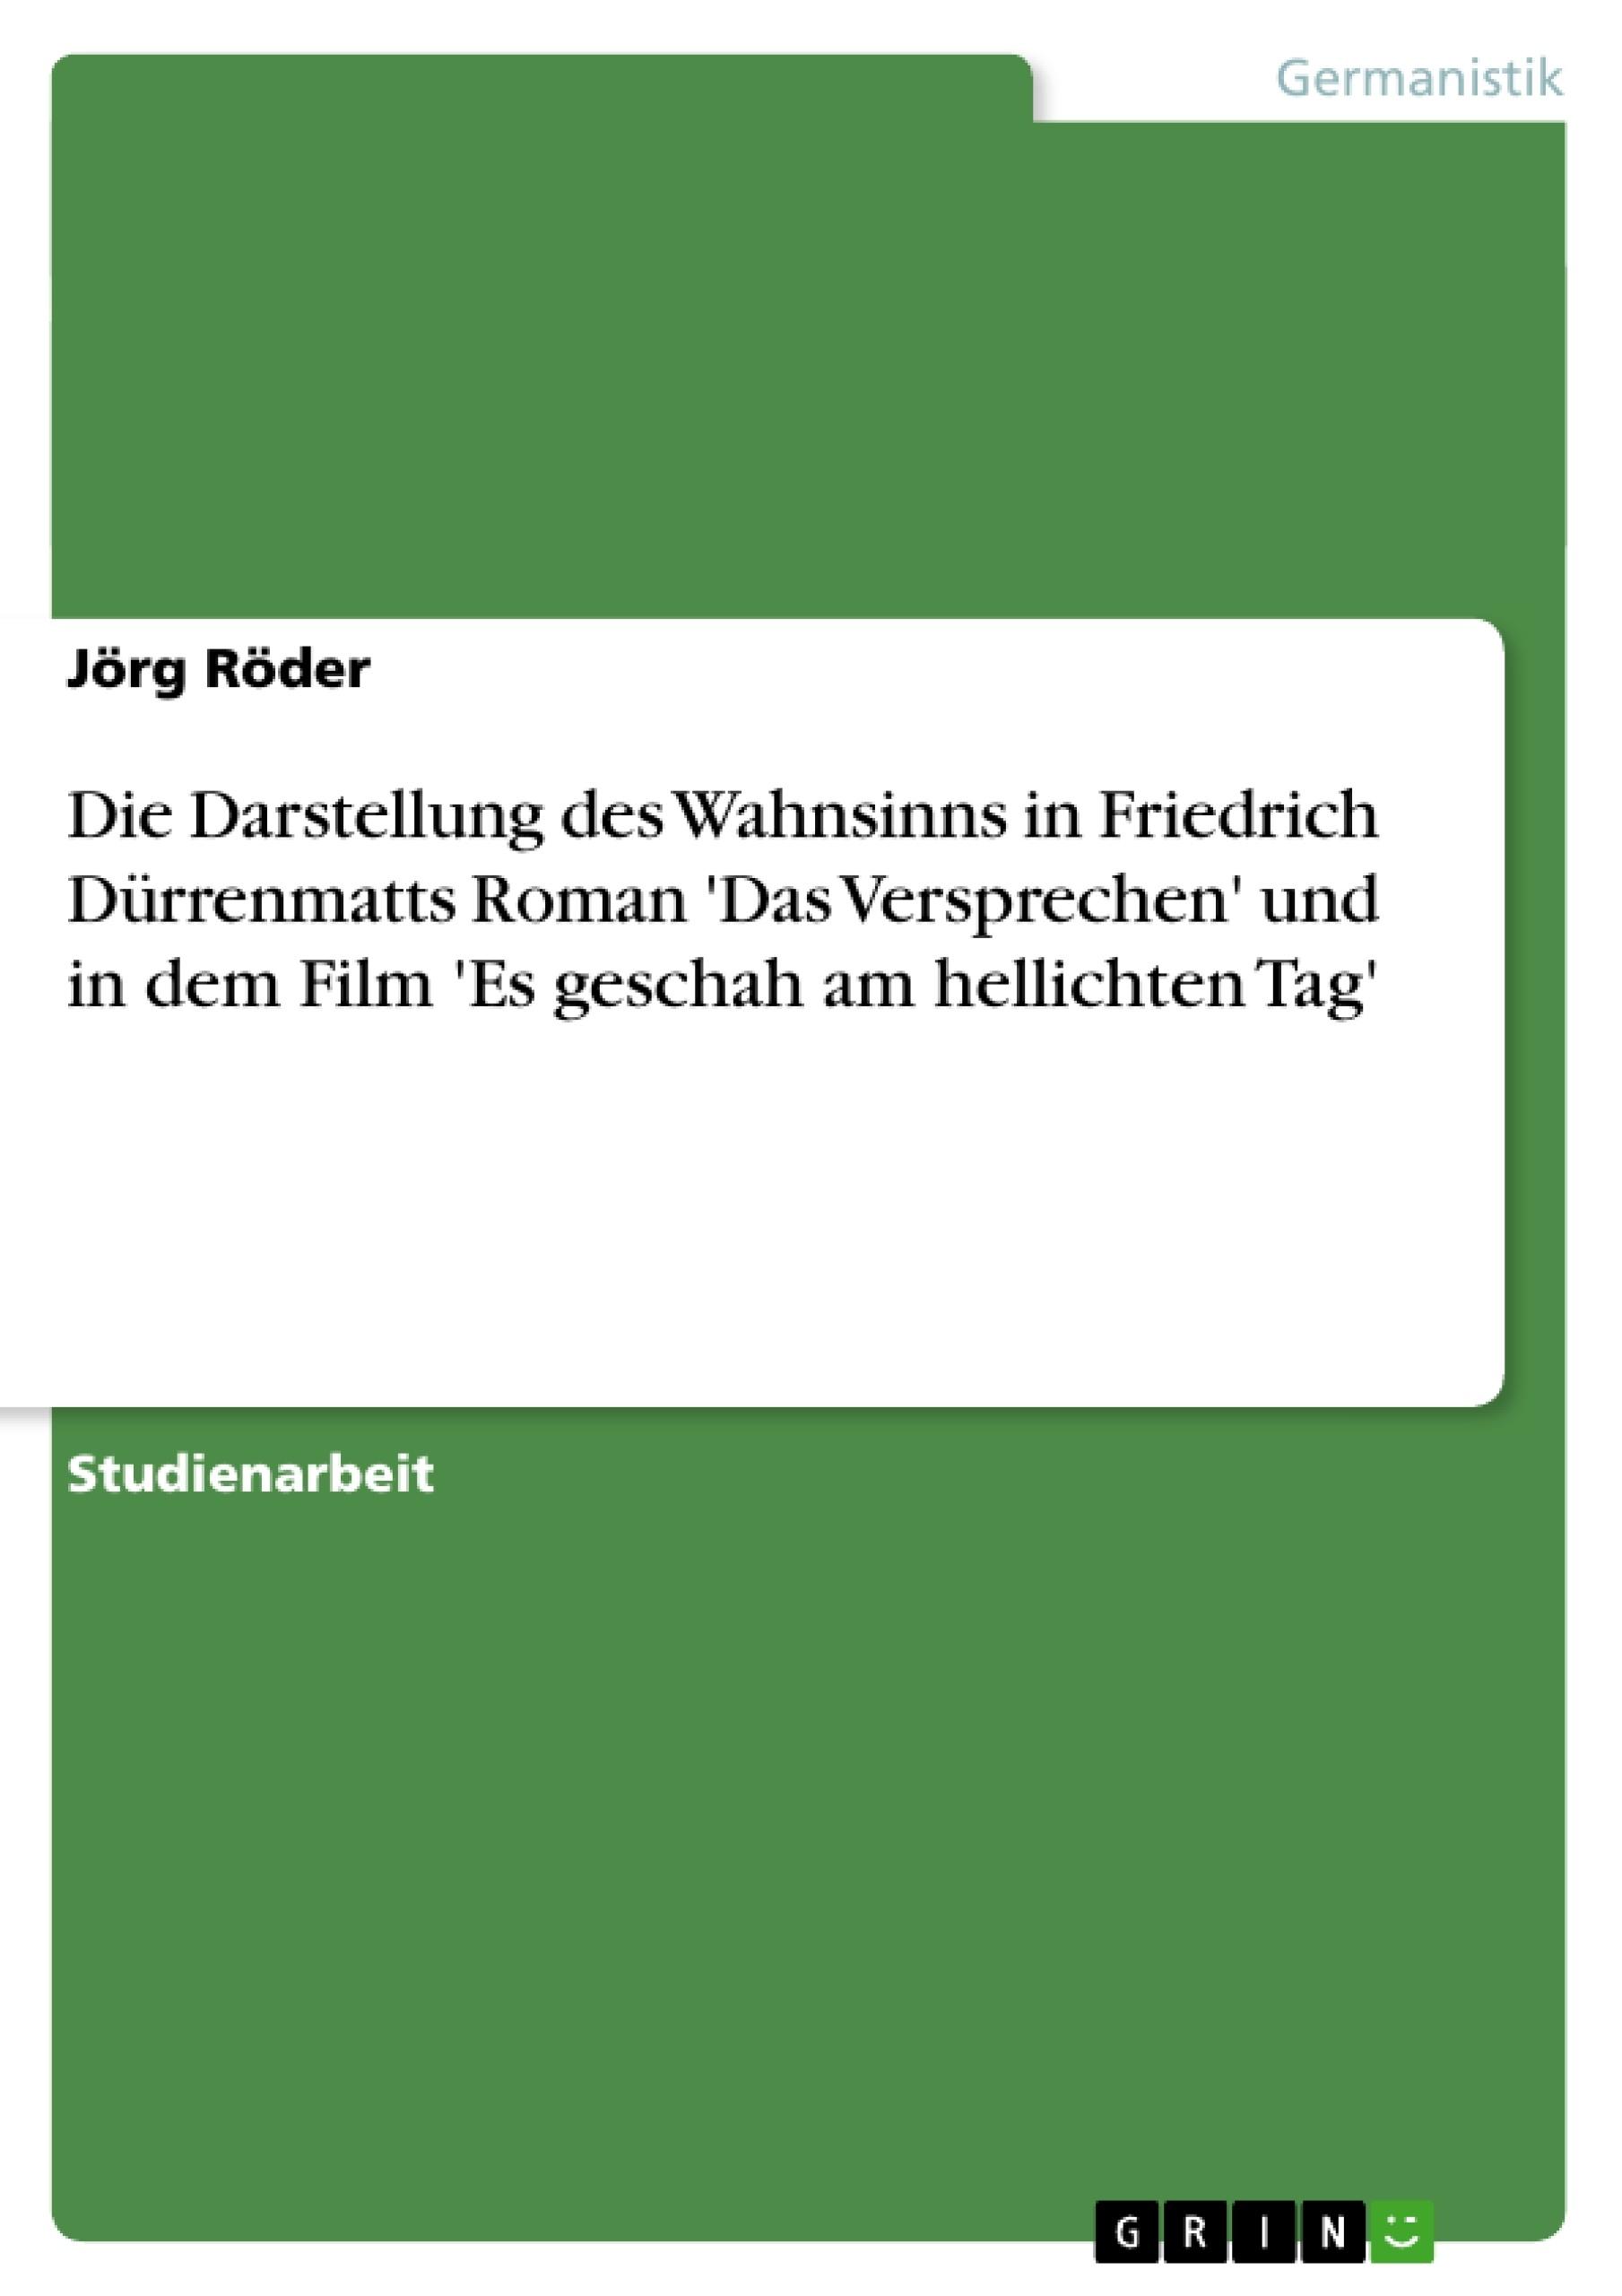 Titel: Die Darstellung des Wahnsinns in Friedrich Dürrenmatts Roman 'Das Versprechen' und in dem Film 'Es geschah am hellichten Tag'